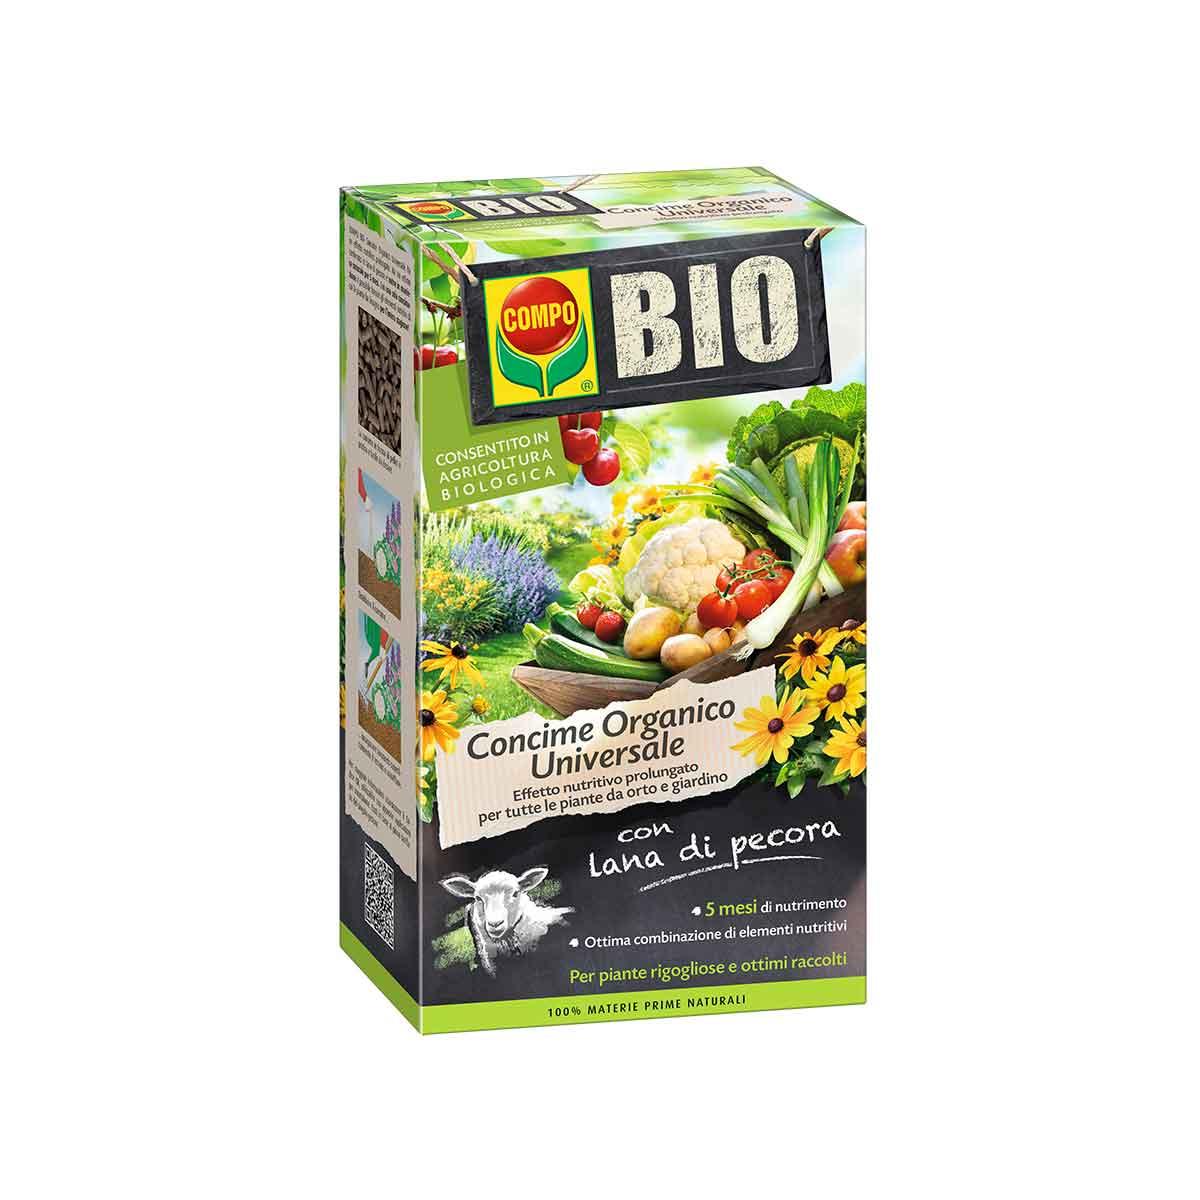 Compo Concime Organico Bio Universale con Lana di Pecora 2kg